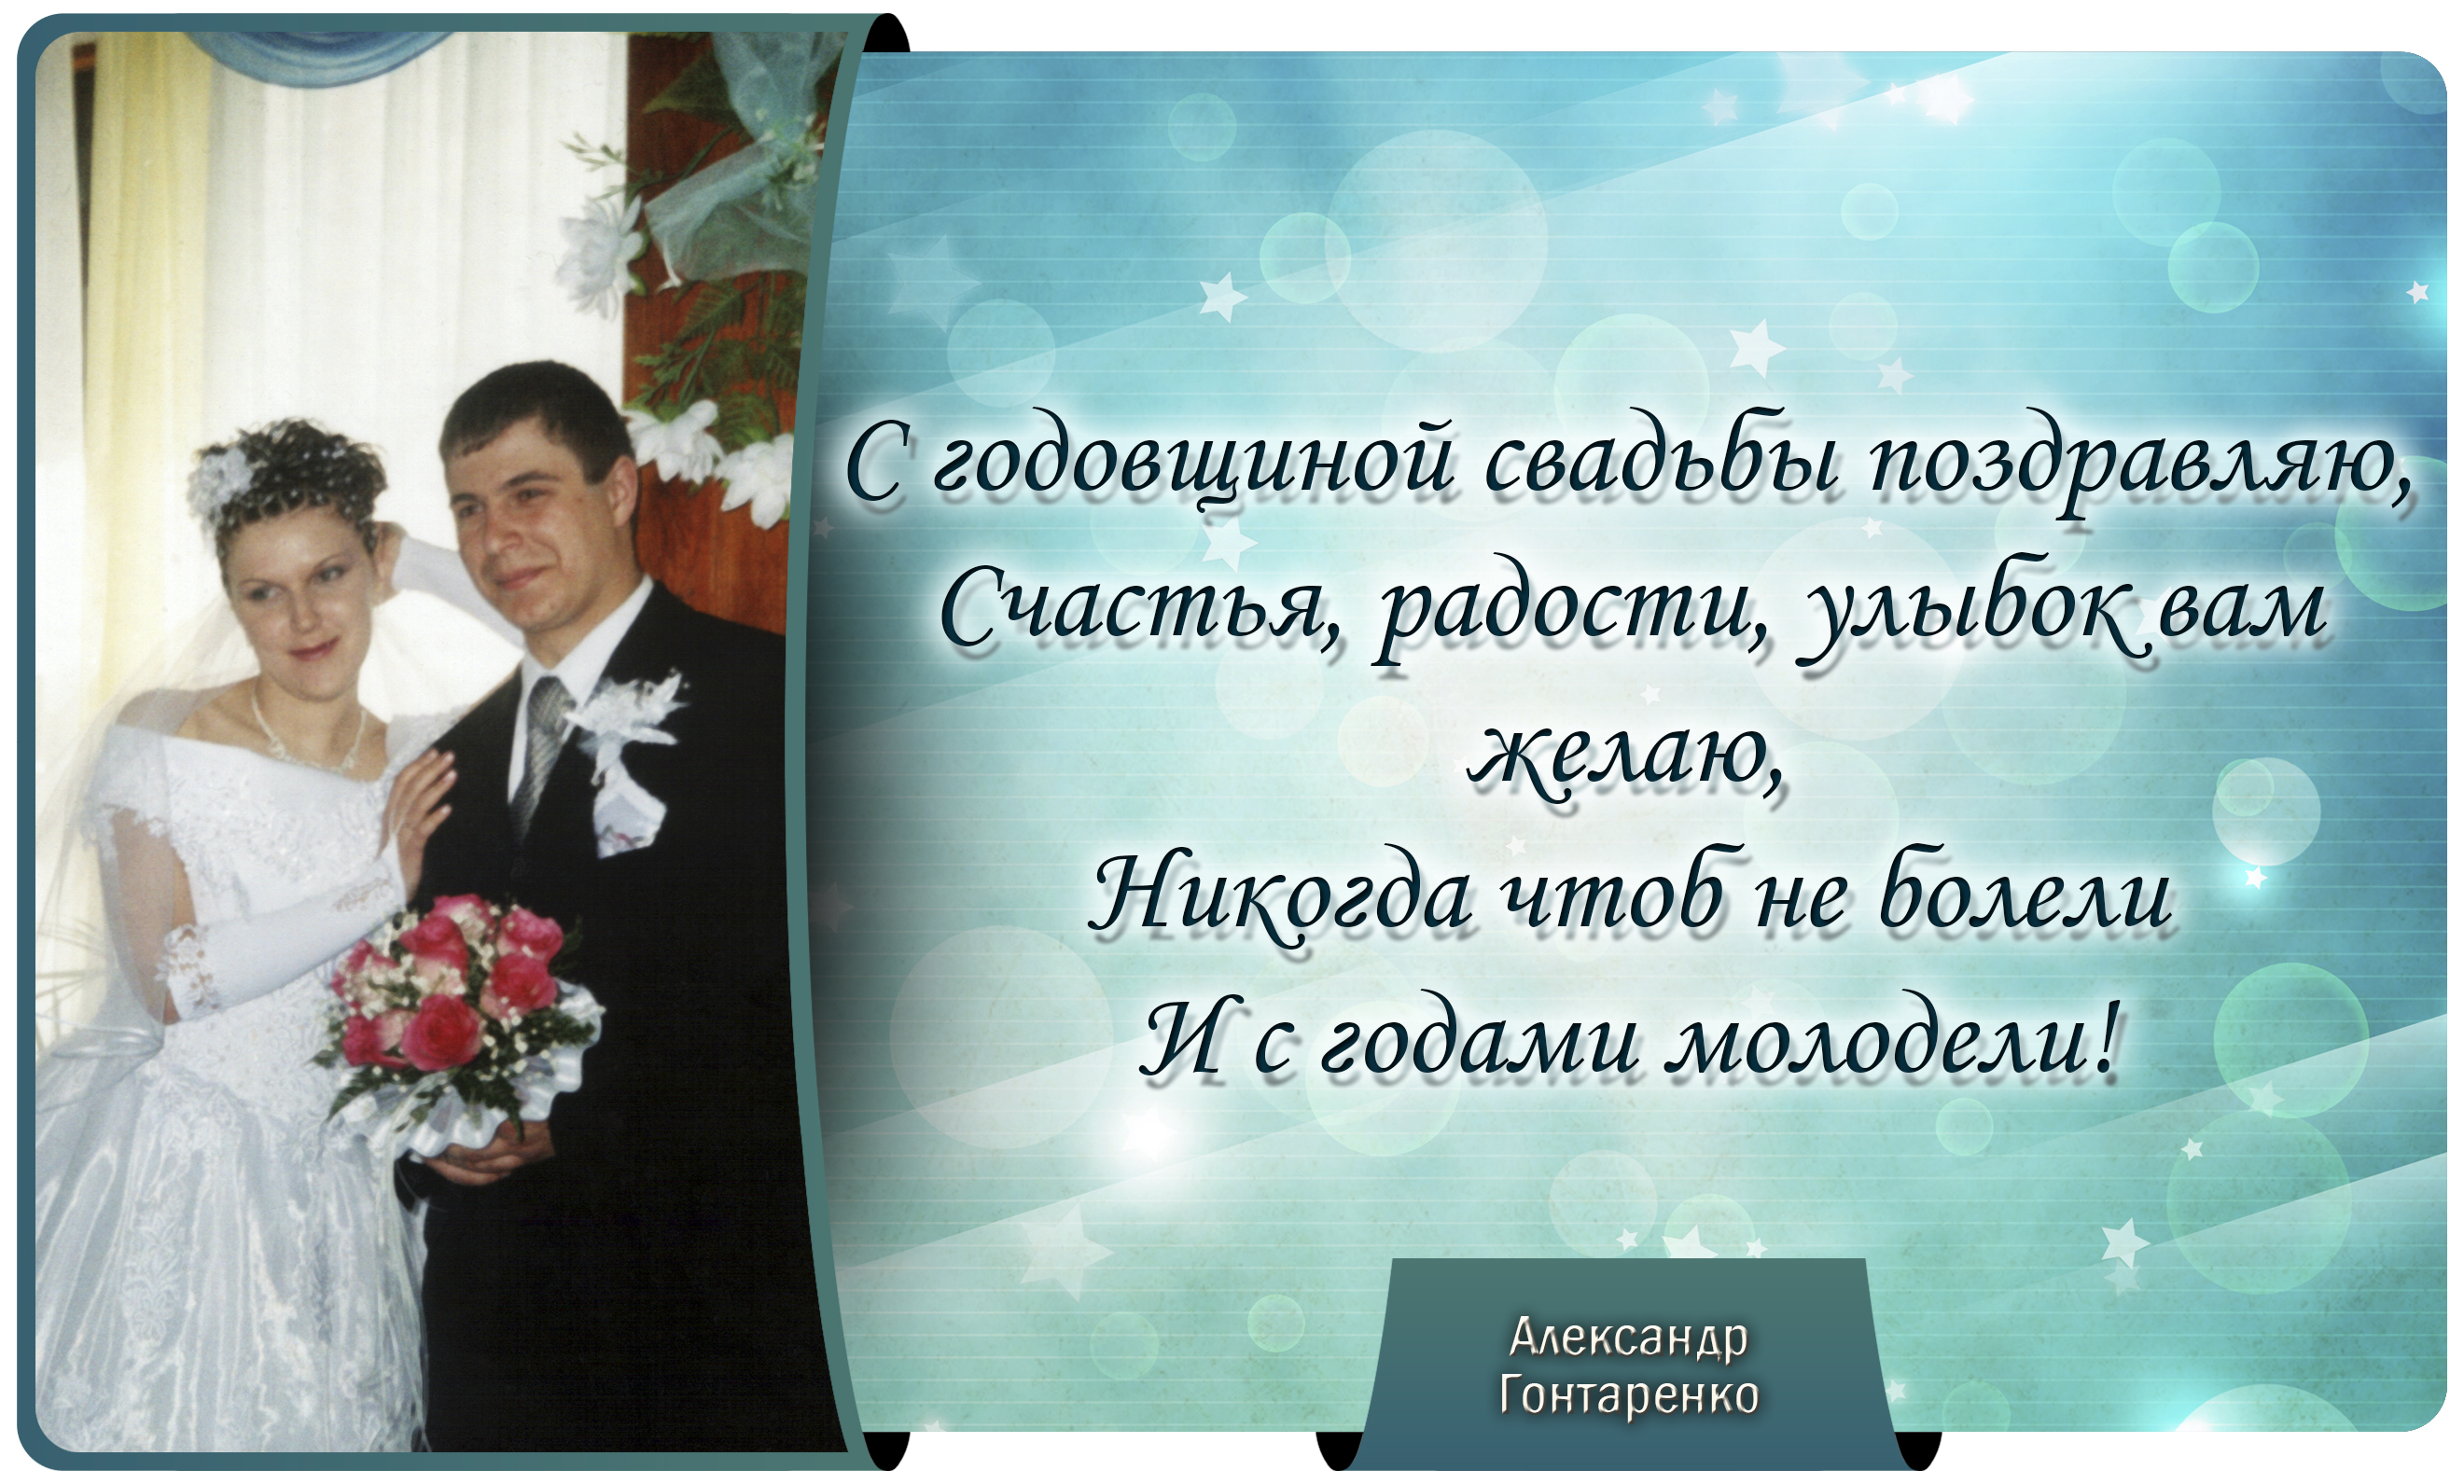 Годовщины свадьбы 3 года фото